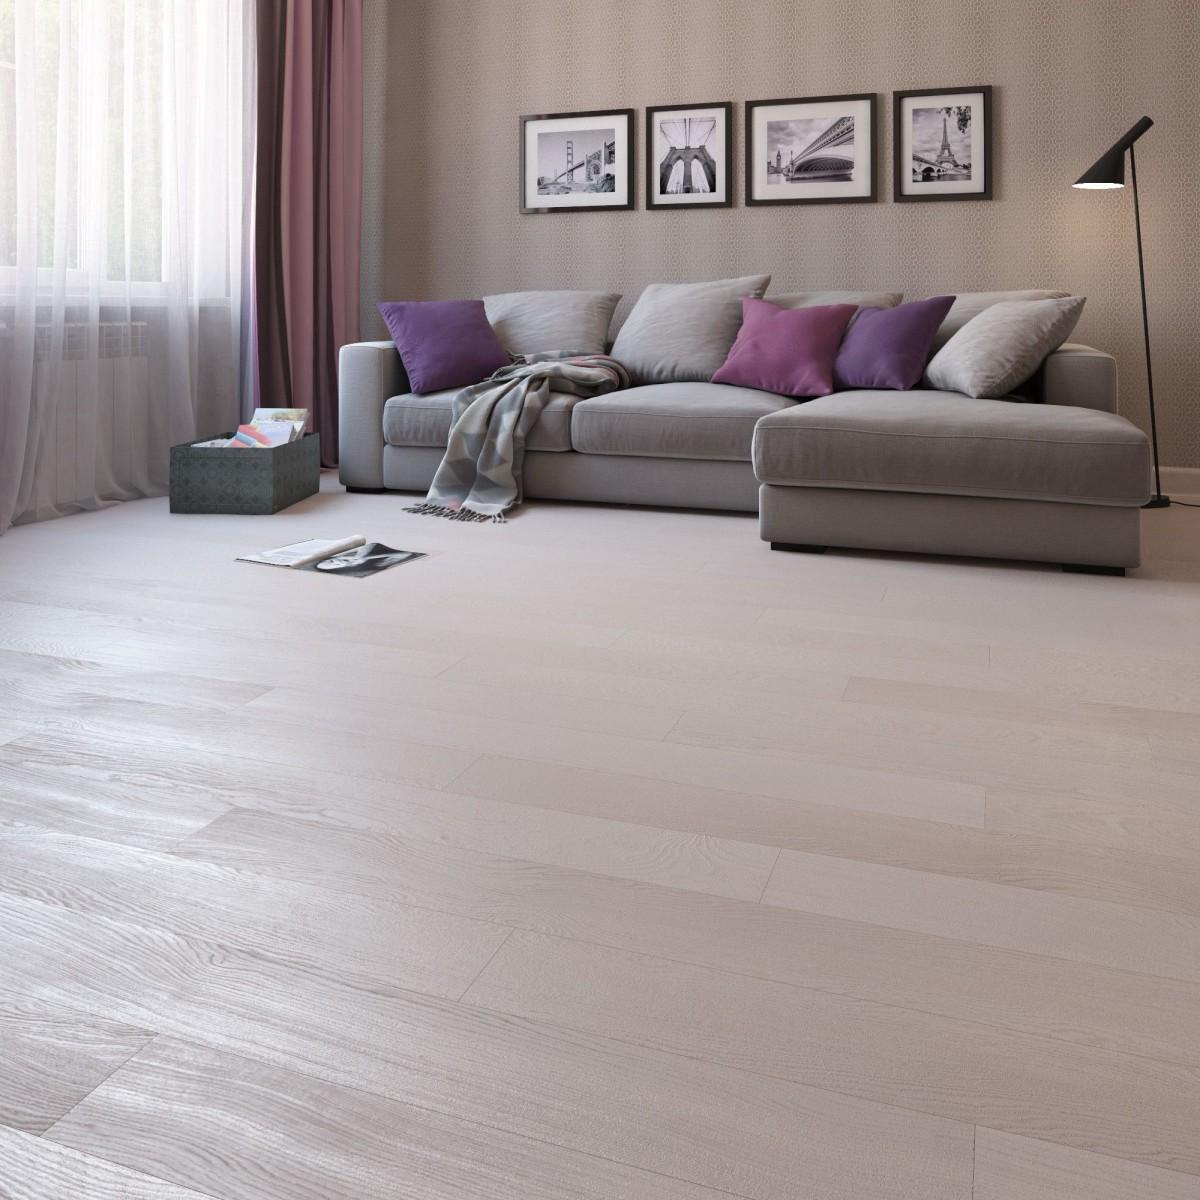 Ламинат Artens Хикори элегантный 33 класс толщина 8 мм 2.162 м²